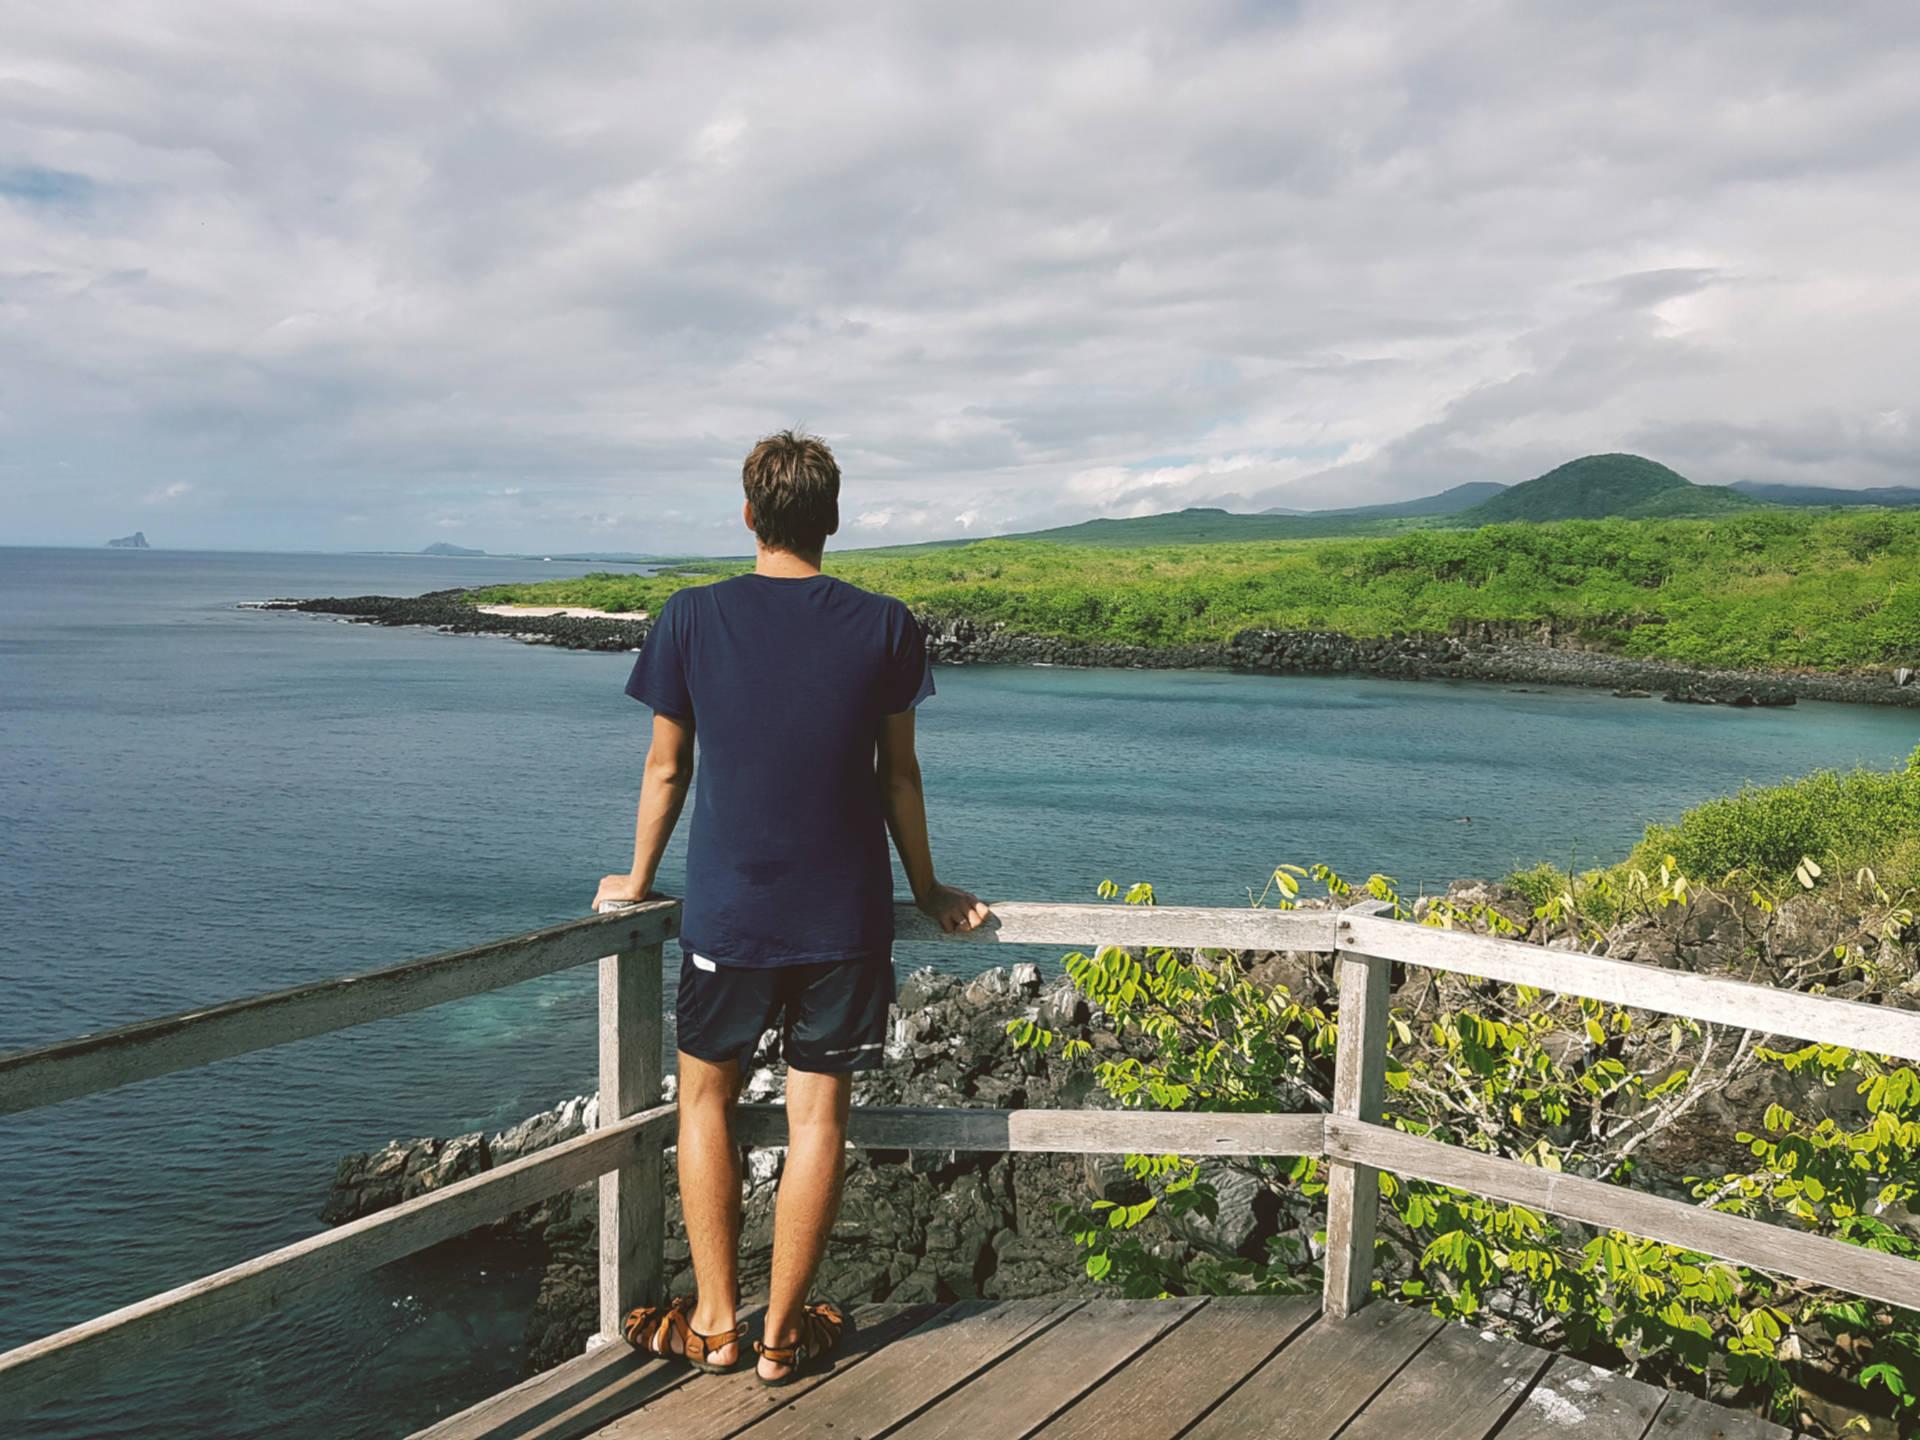 Jak tanio zwiedzić Wyspy Galapagos Darmowe atrakcje nawyspach (16)